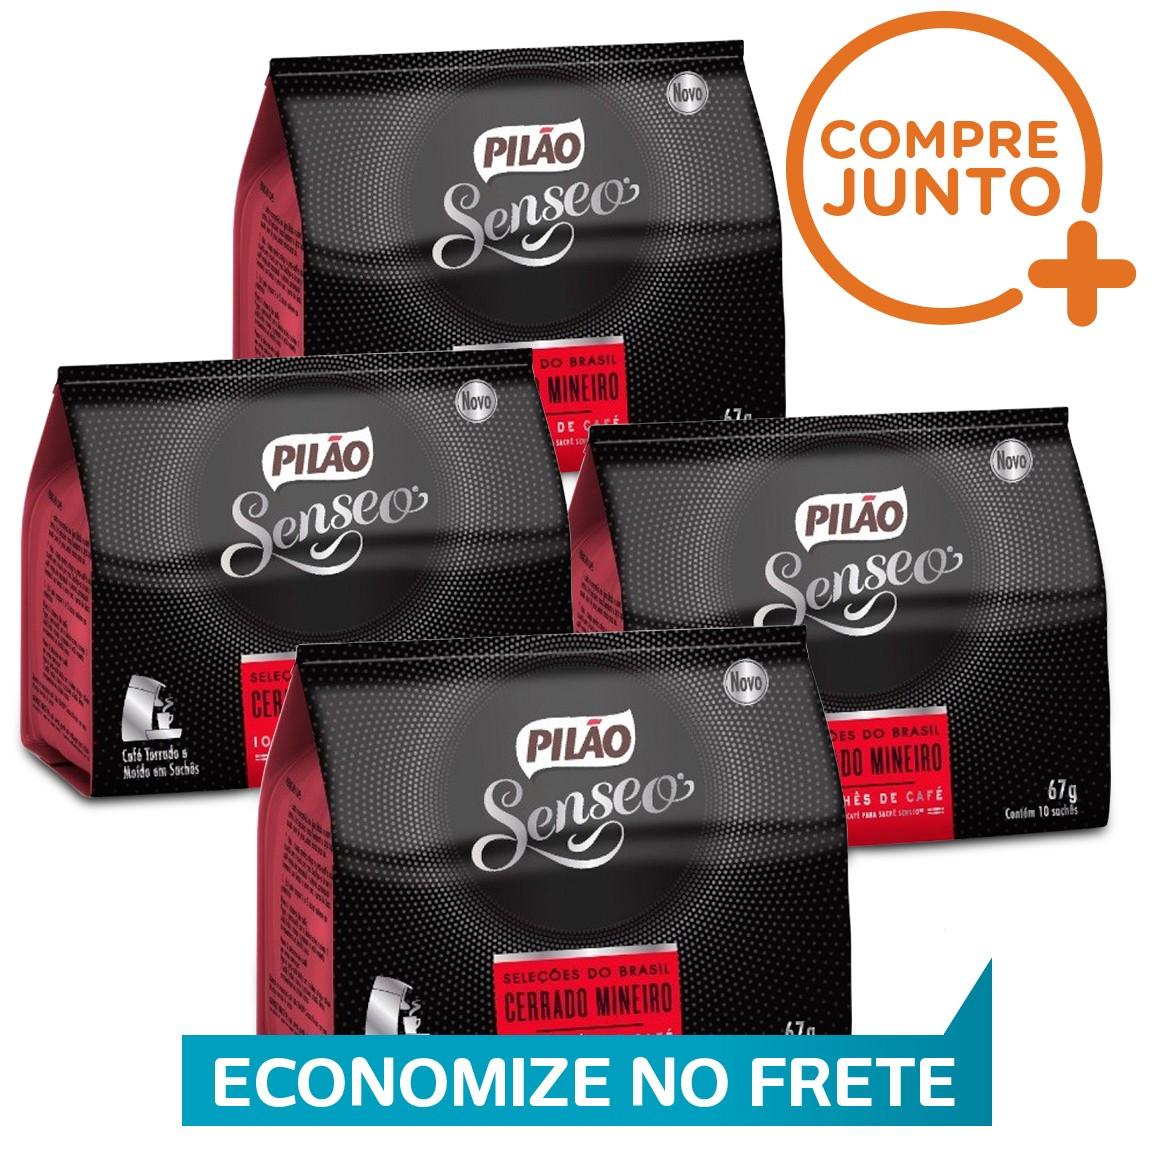 Kit Sachê Soft Senseo Pilão Cerrado MIneiro